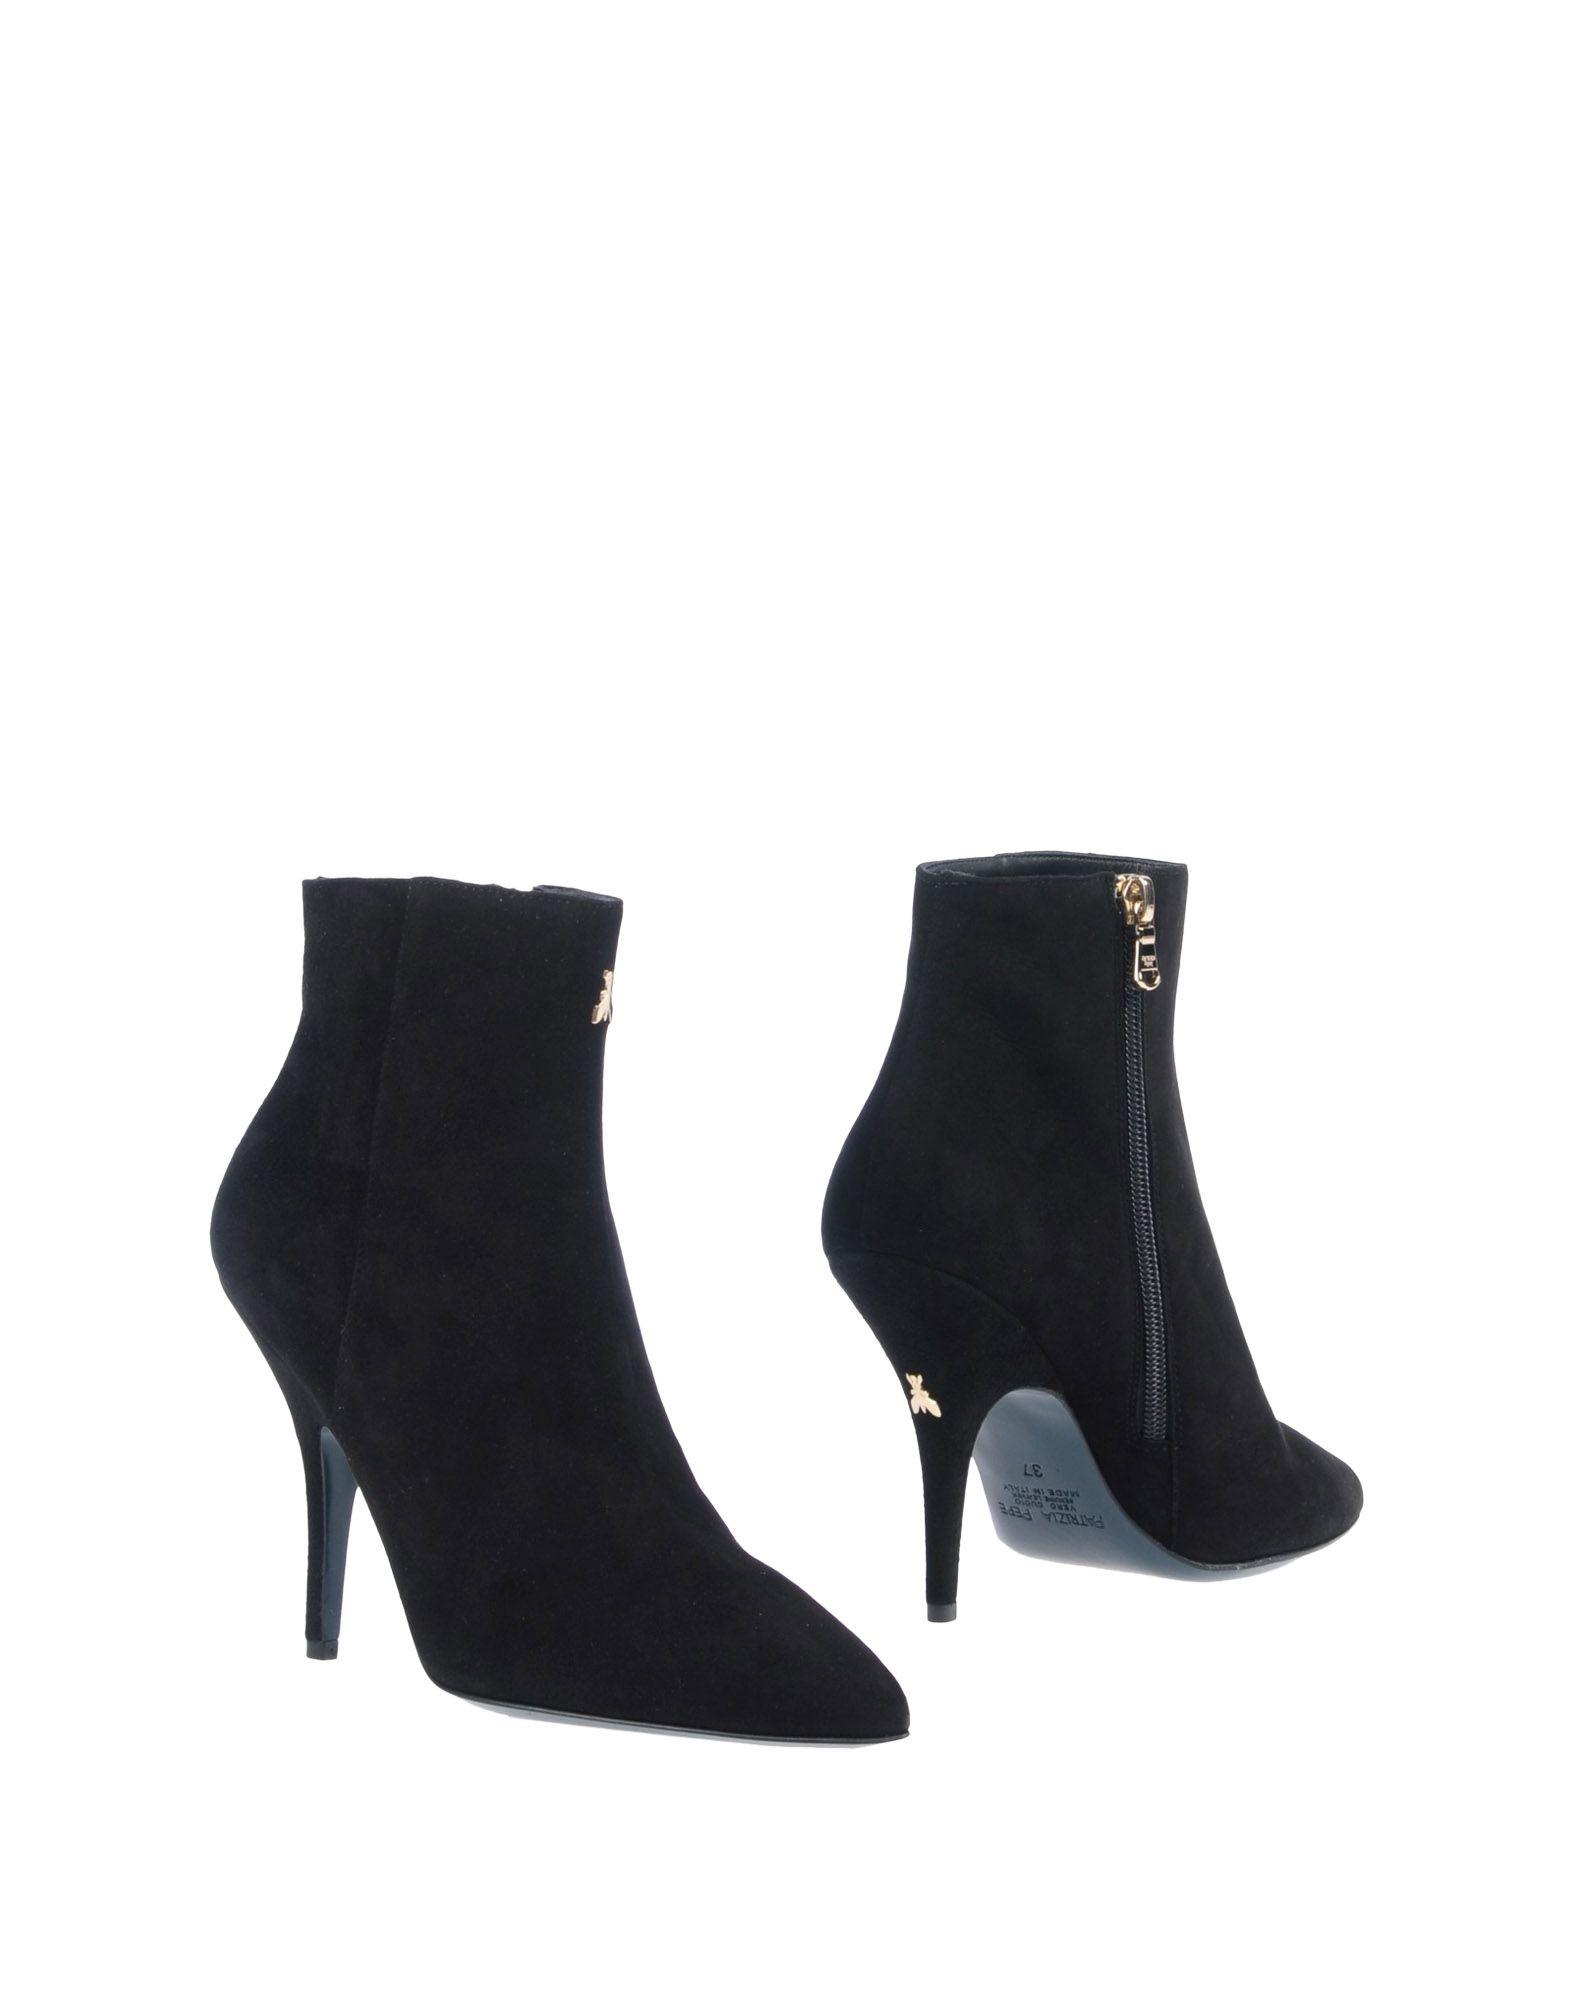 Patrizia Pepe Stiefelette Damen Schuhe  11432150VHGut aussehende strapazierfähige Schuhe Damen 391ca7